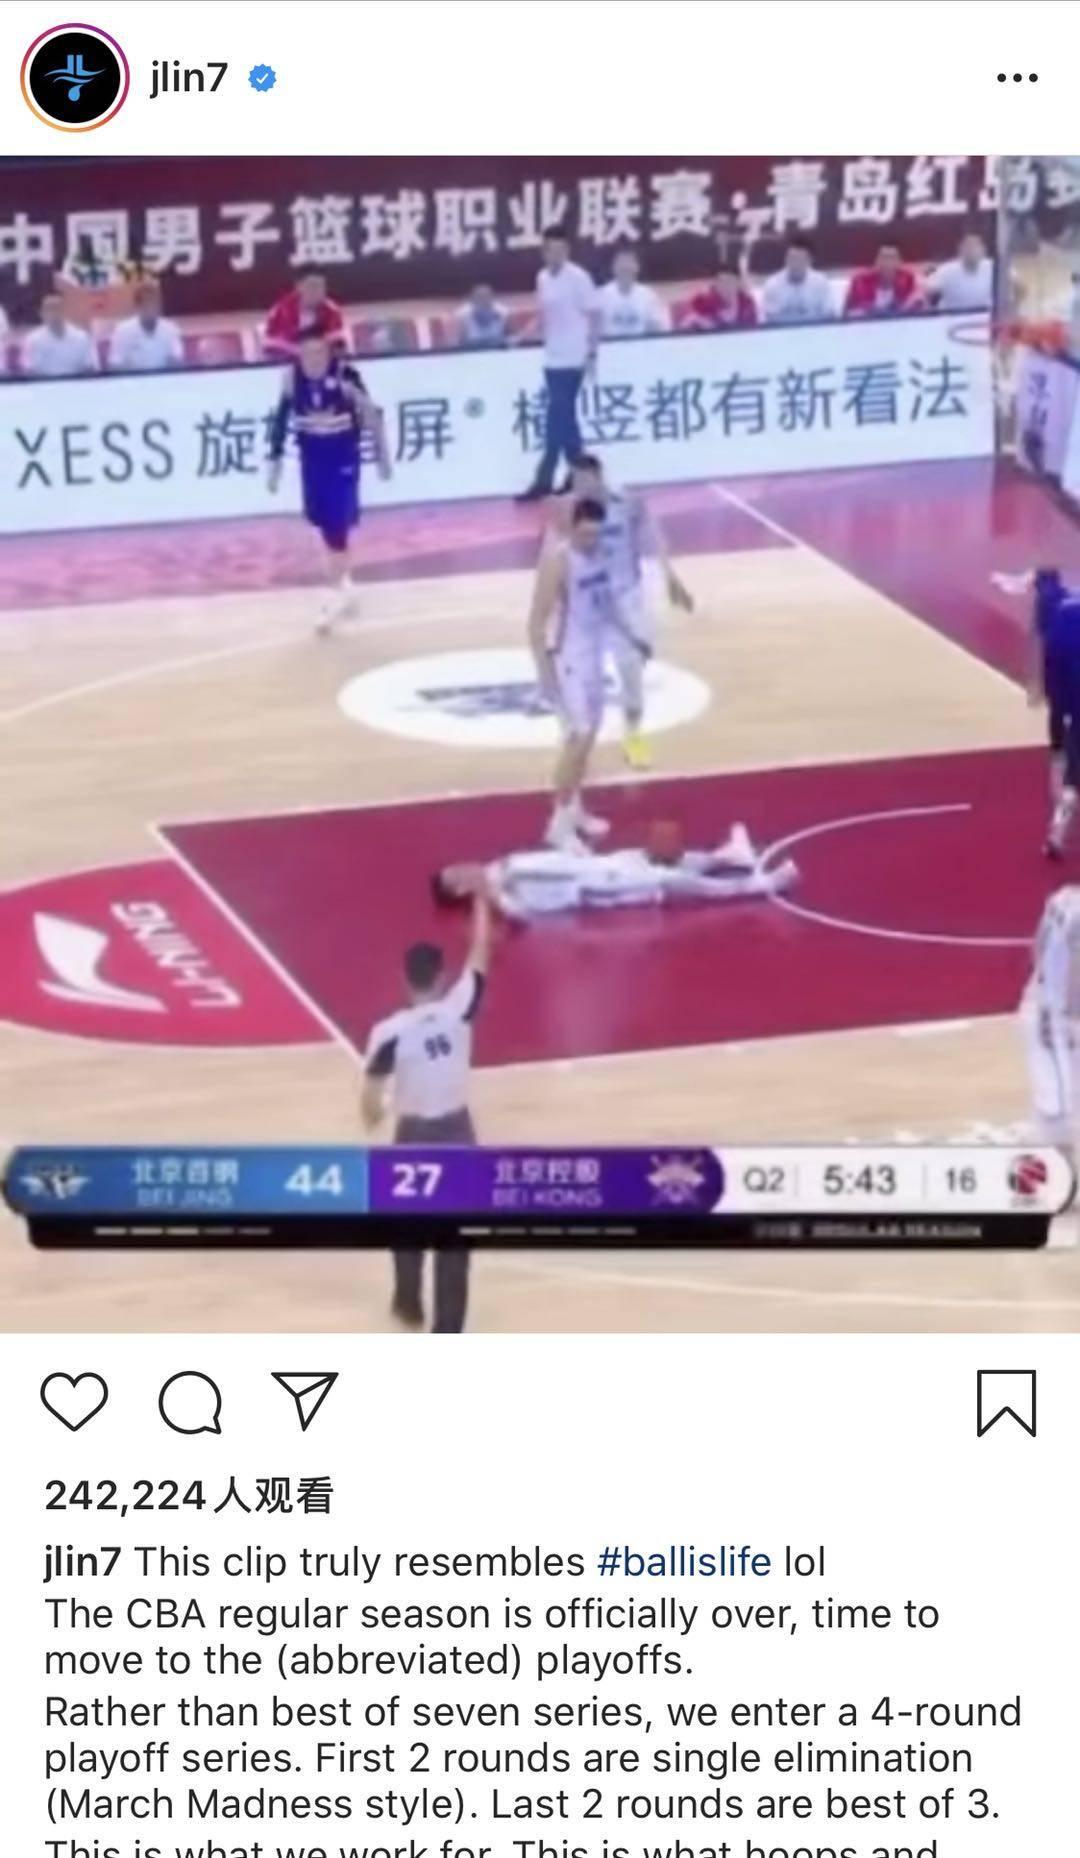 林书豪晒要害被篮球砸到视频称完美诠释